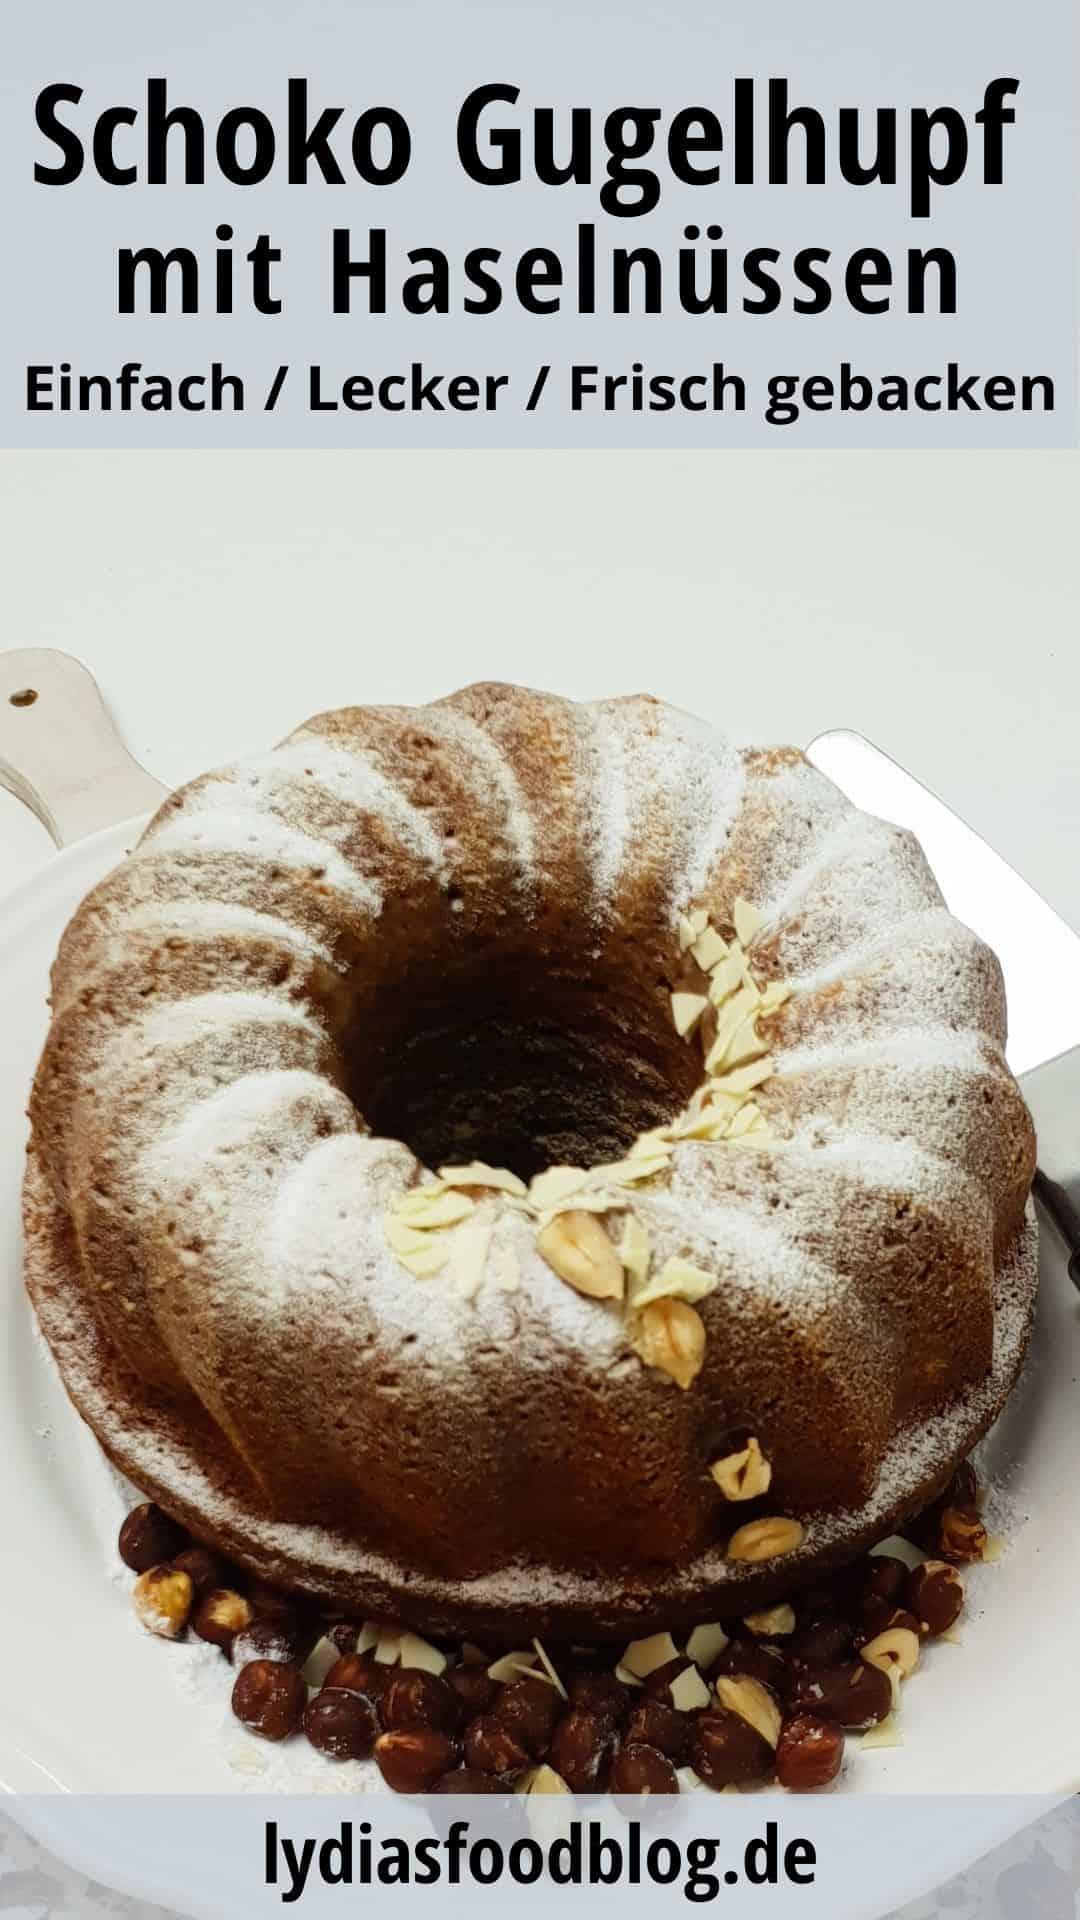 Ein Schoko Gugelhupf mit Haselnuss angerichtet auf einem weißen Teller mit Nüssen drumherum.